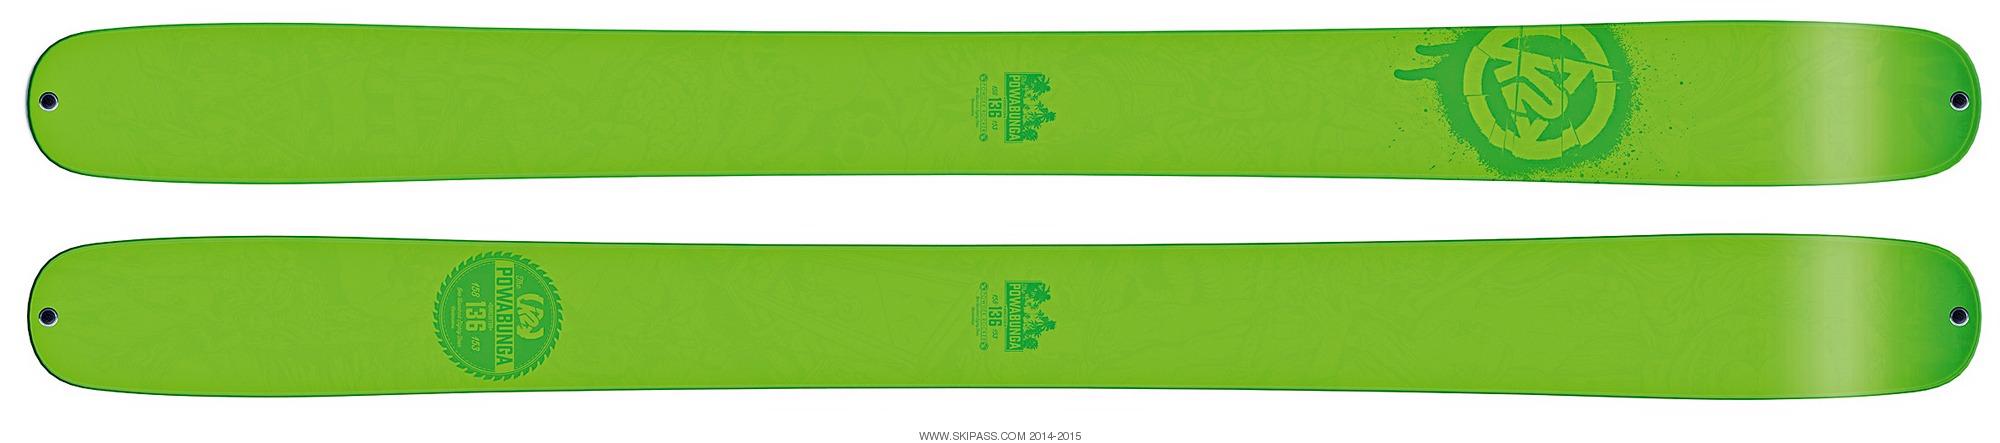 K2 Shreditor 136 (Powabunga)